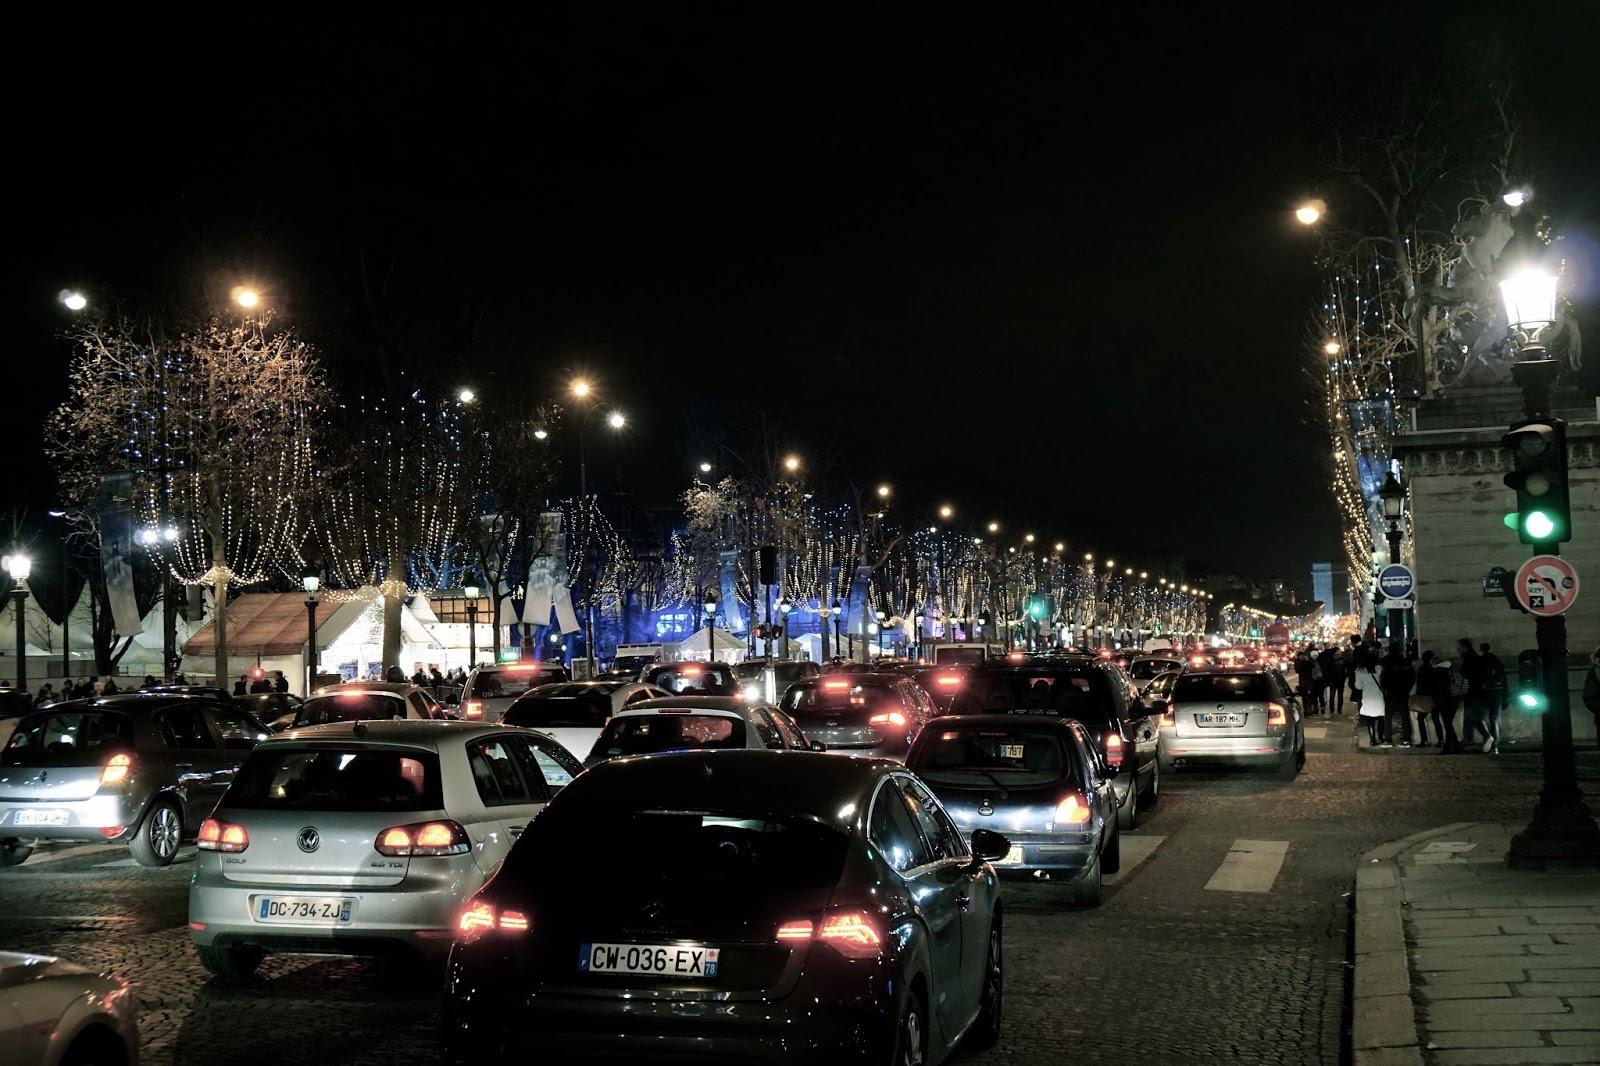 シャンゼリゼ通り(L'Avenue des Champs-Élysées)